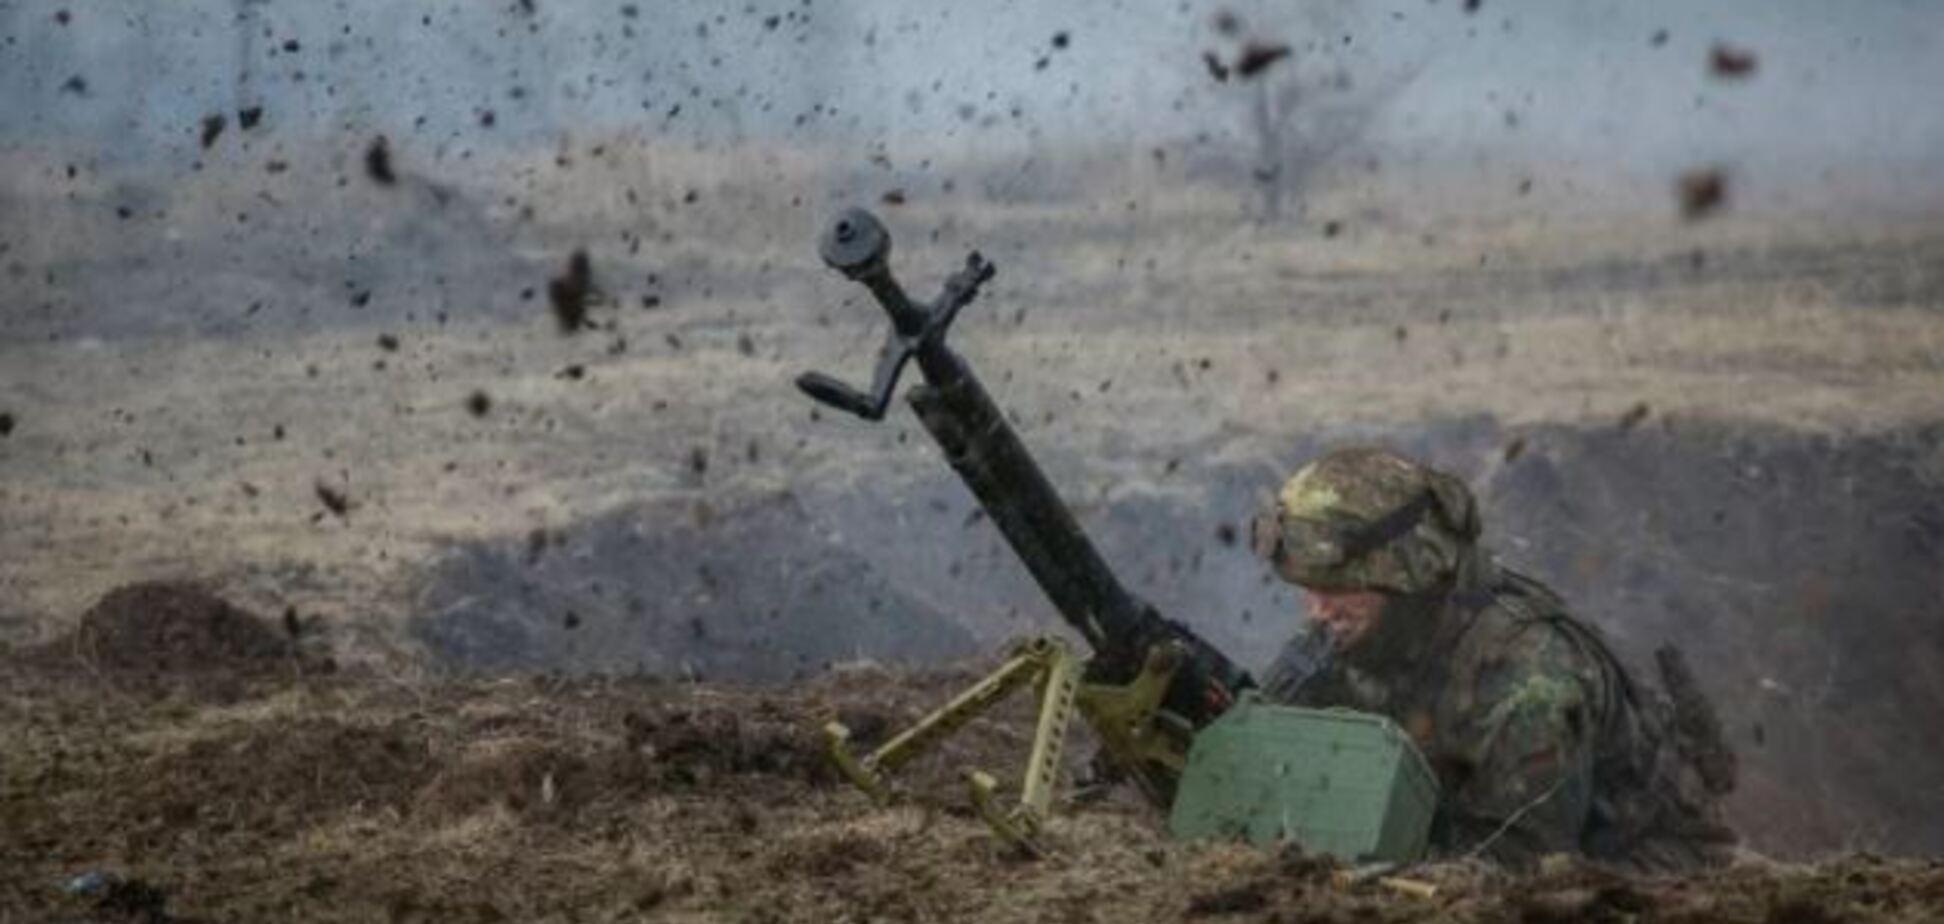 Вистояли! ЗСУ відбили підлу атаку найманців Росії на Донбасі